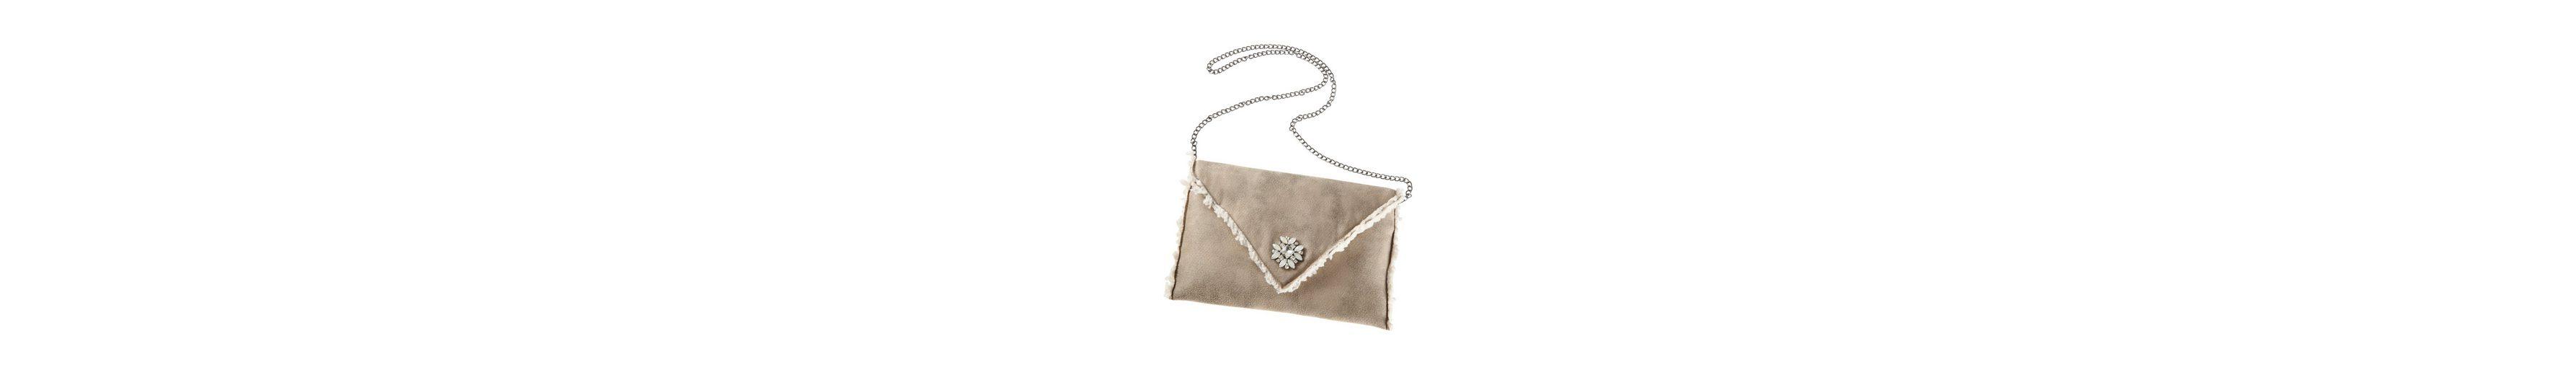 Trachtentasche mit abnehmbaren Umhängeriemen, Klimm